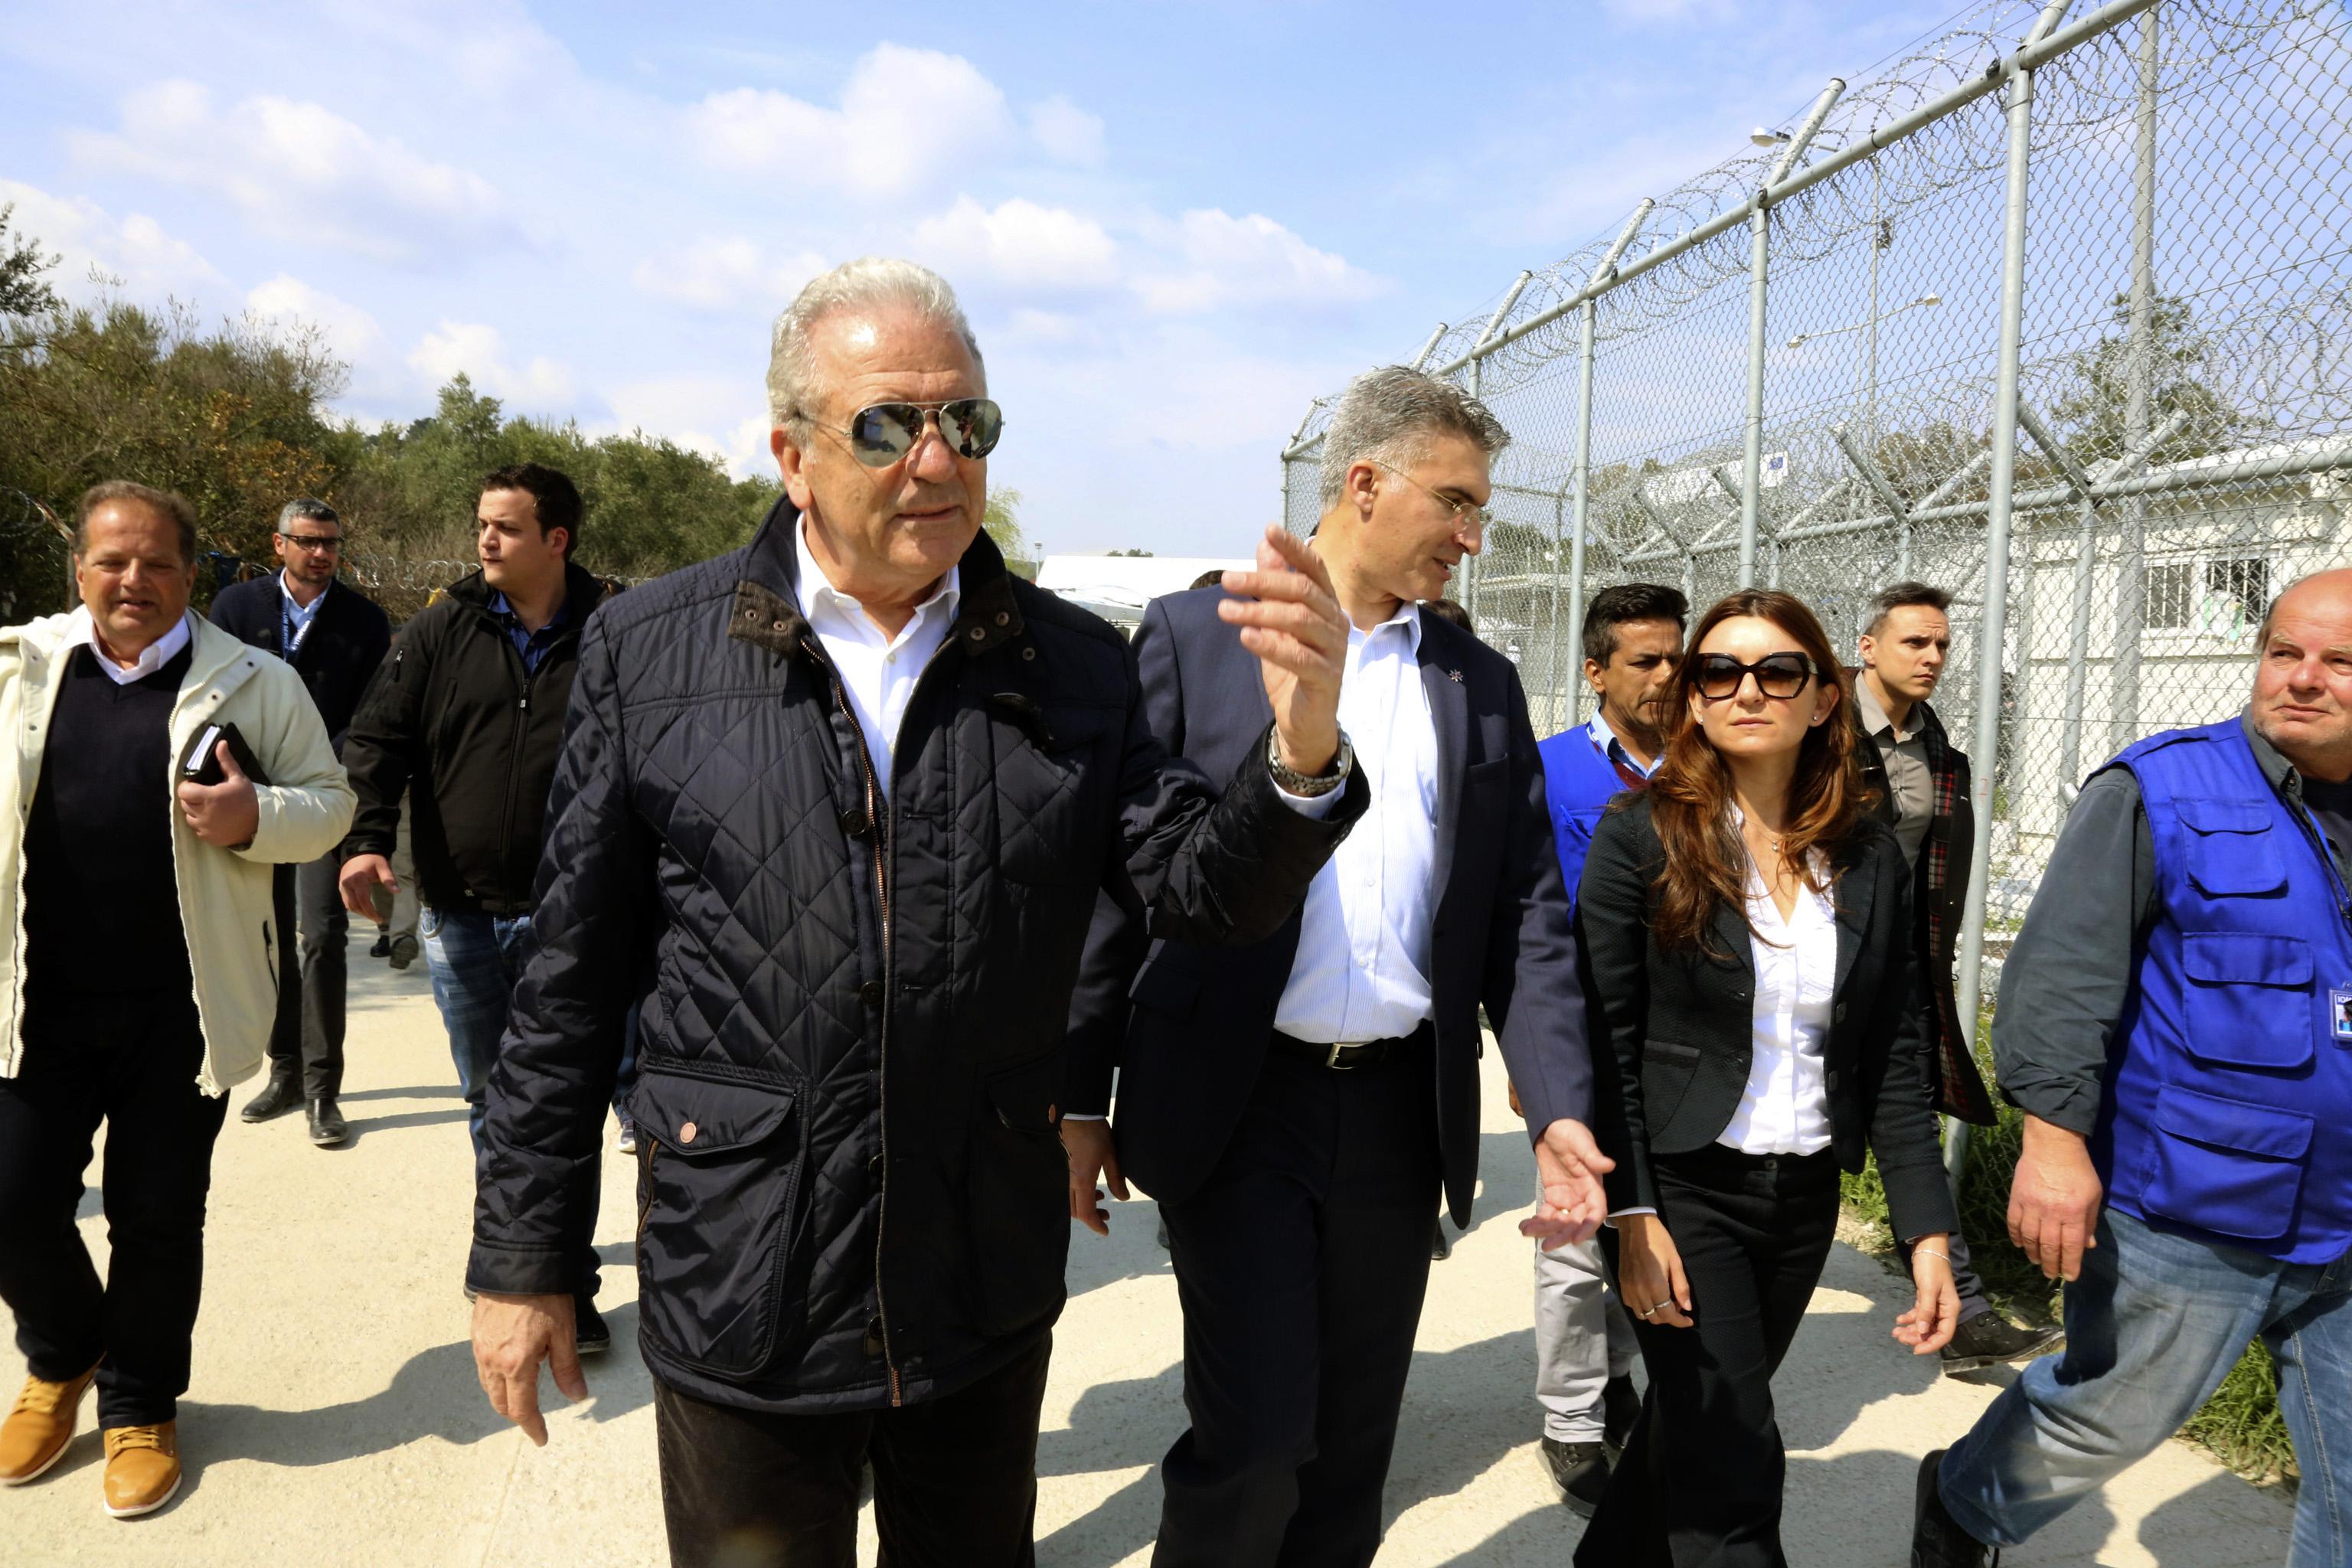 Αβραμόπουλος: Η συμφωνία ΕΕ-Τουρκίας δε πρέπει να επηρεαστεί από το κλίμα των ημερών